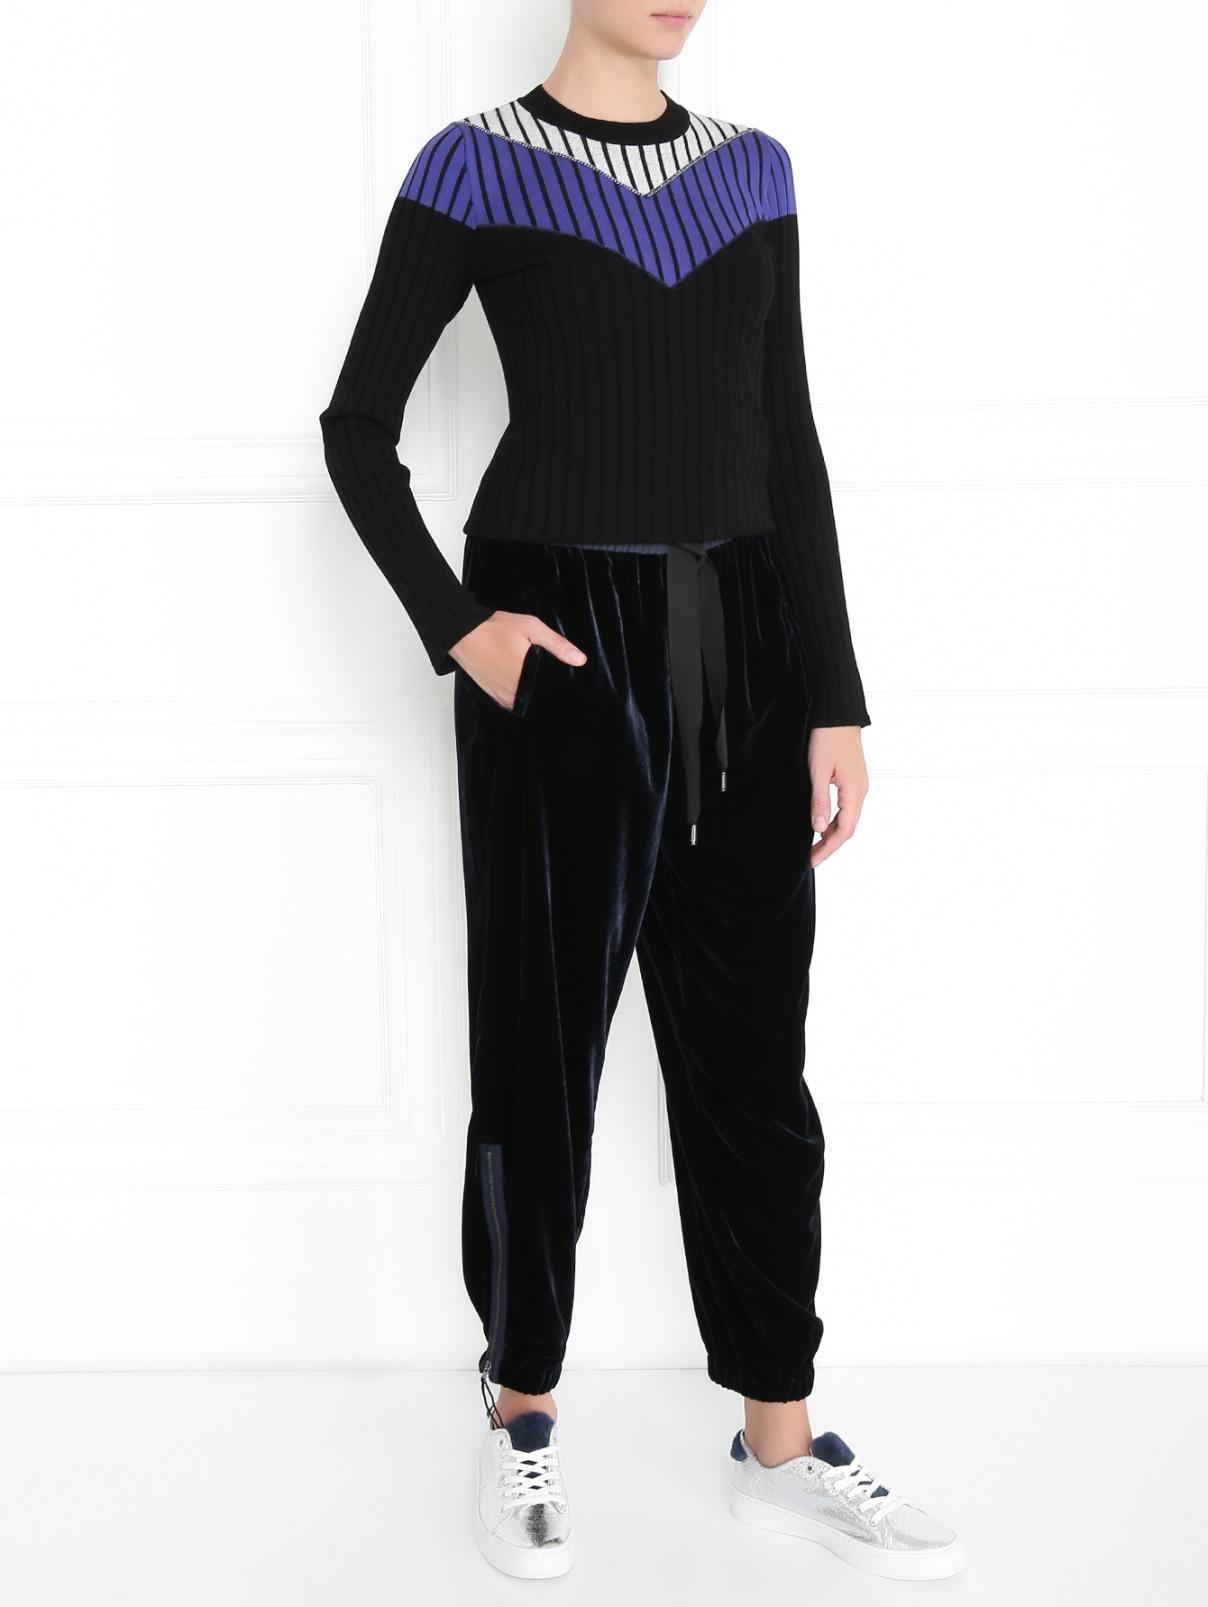 Джемпер фактурной вязки с длинным рукавом Sportmax Code  –  Модель Общий вид